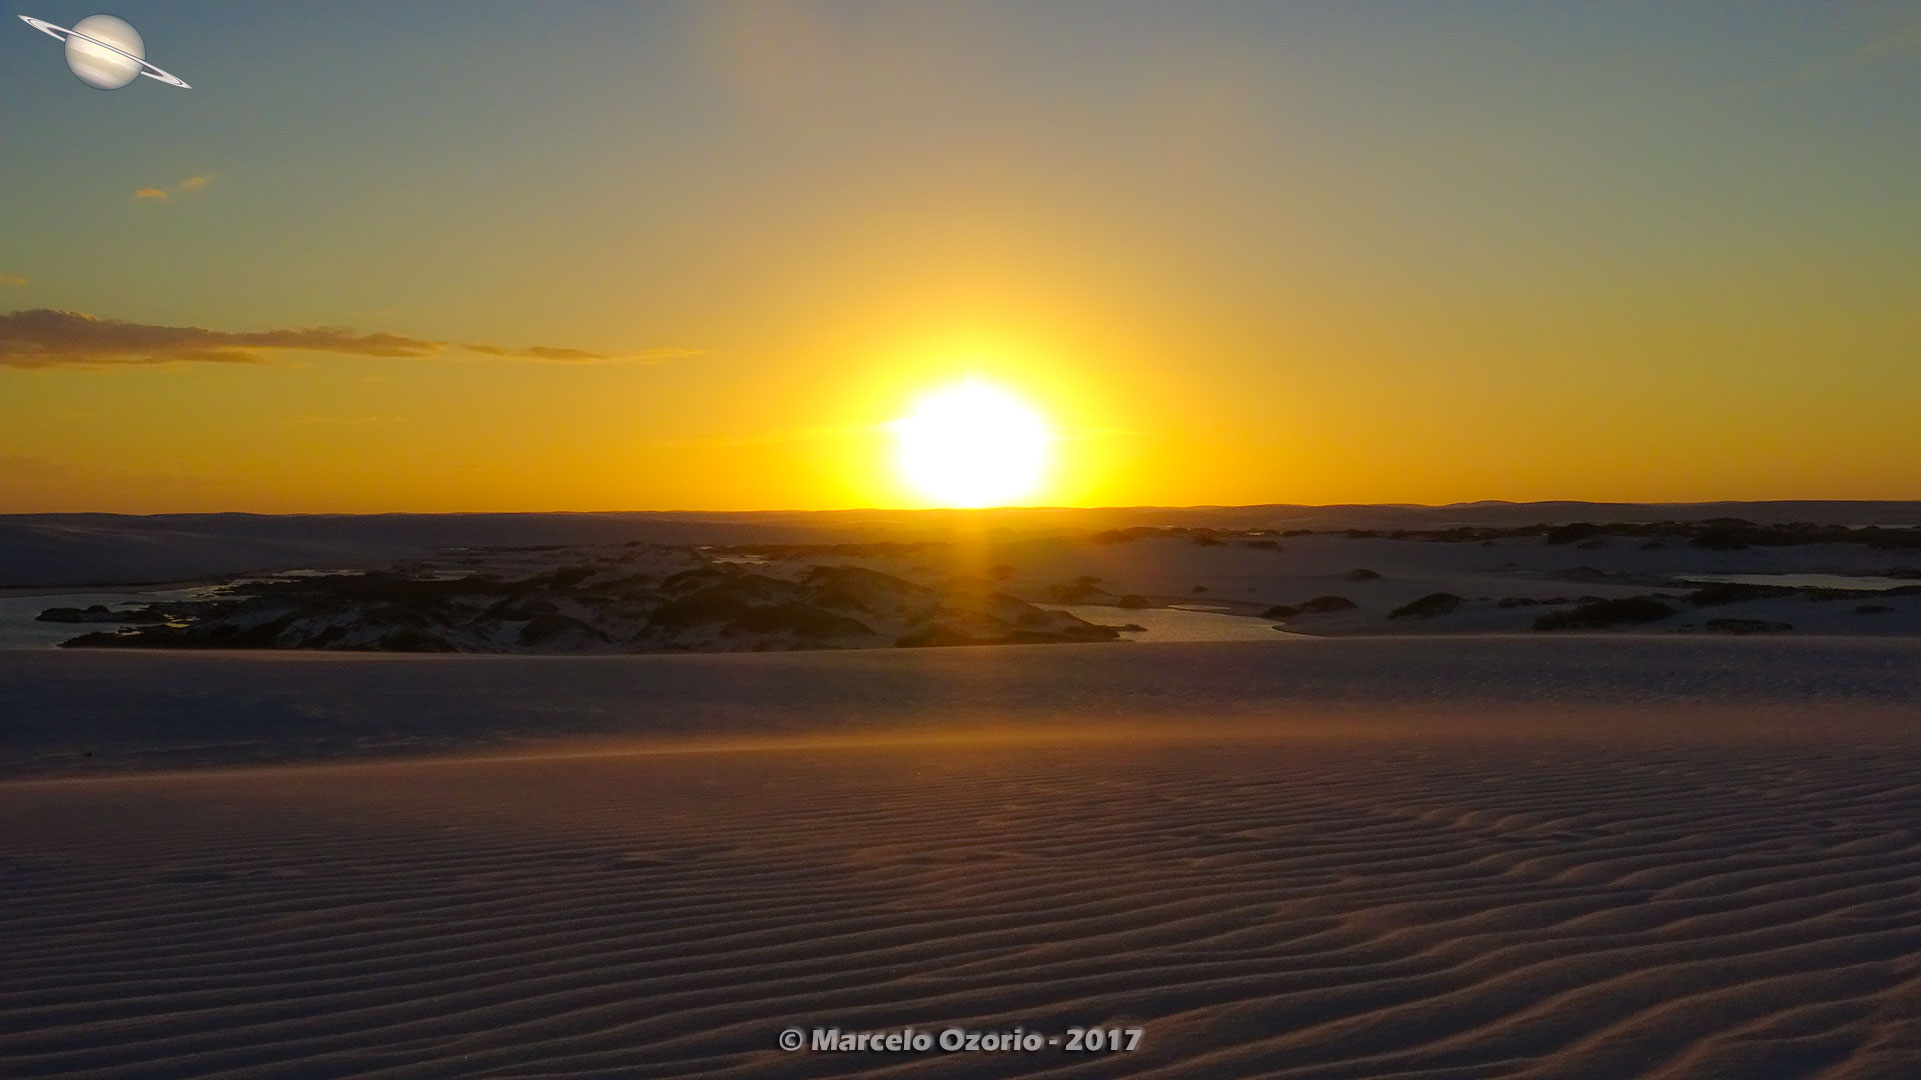 dia 3 explorando lencois maranhenses 58 - Explorando o Centro do Parque Nacional dos Lençóis Maranhenses - Brasil